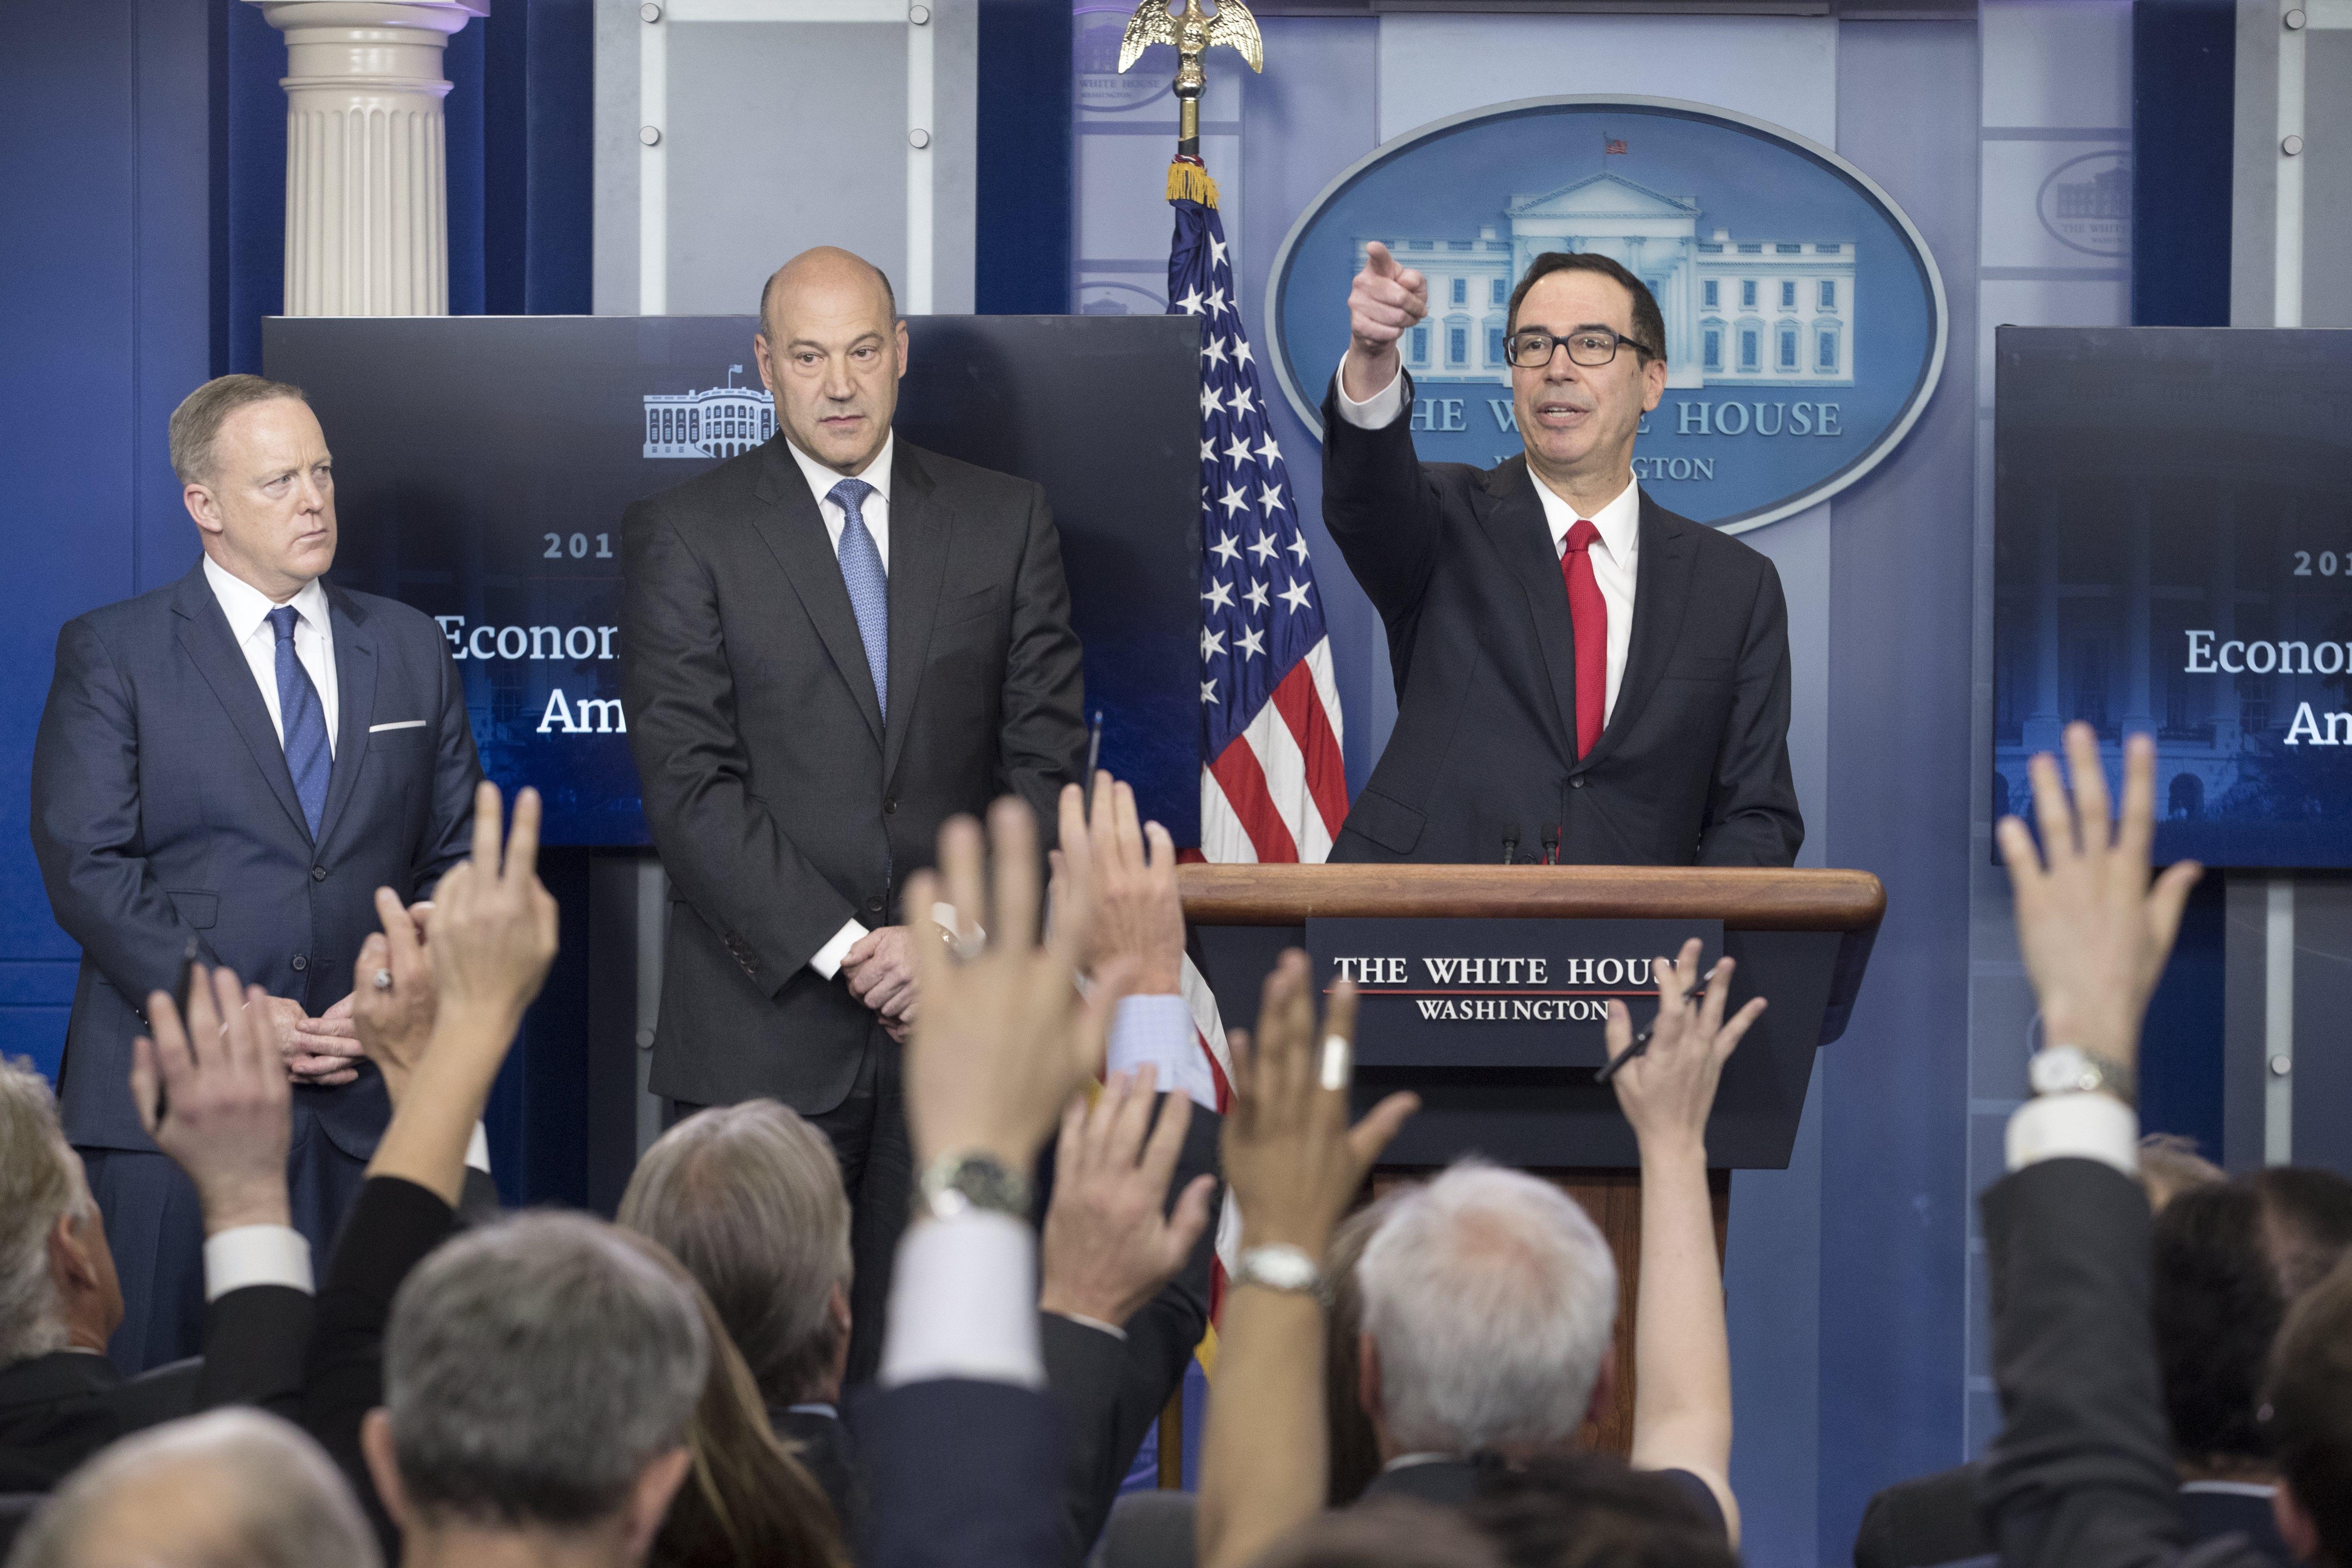 財政部長米努勤(右)與國家經濟會議主席柯恩(中)、白宮新聞秘書史派瑟舉行記者會,說明川普總統的減稅方案。(美聯社)